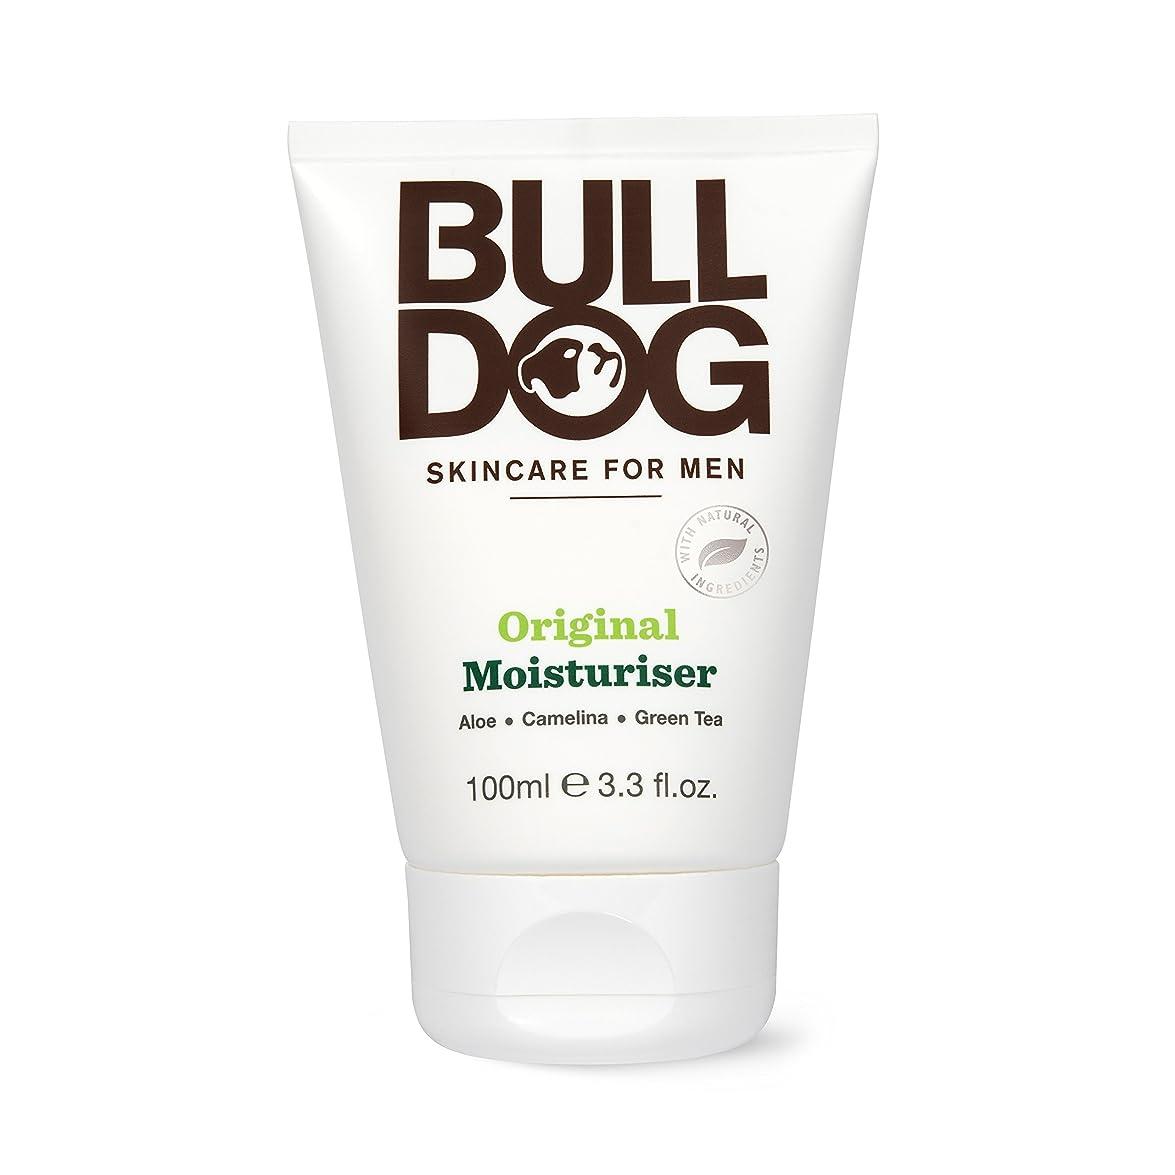 腫瘍恩恵ピルファーブルドッグ Bulldog オリジナル モイスチャライザー(保湿クリーム) 100mL